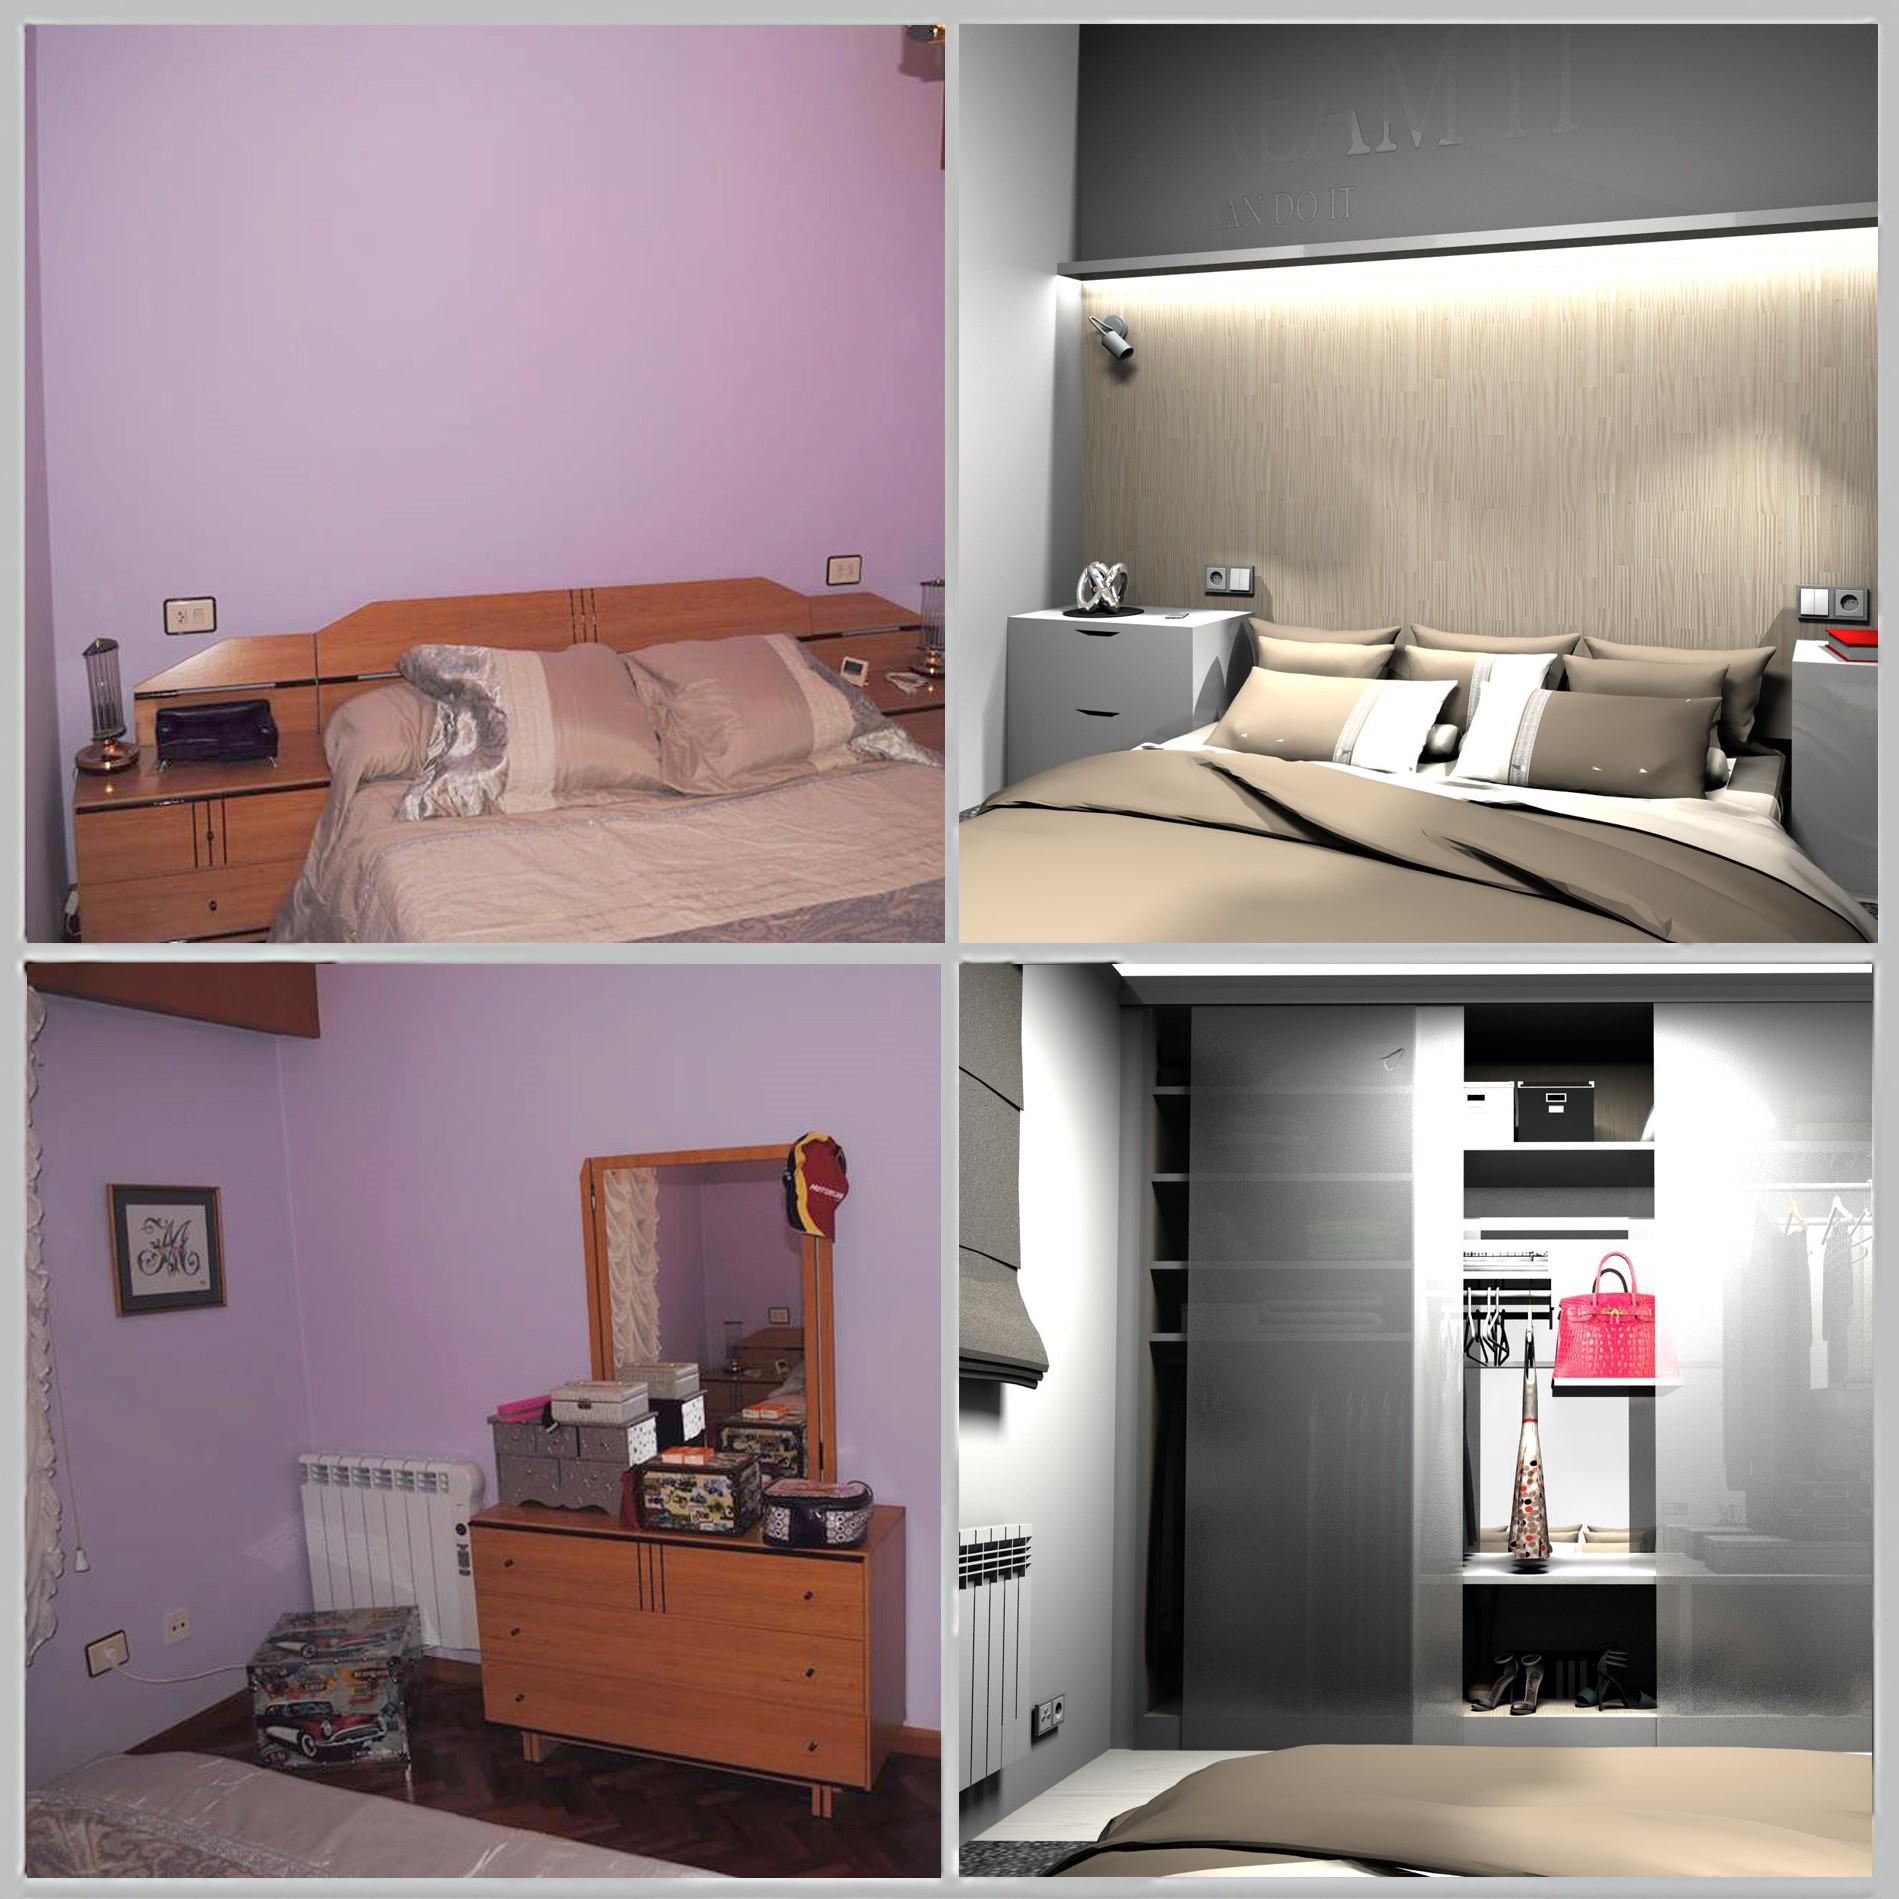 _Damian & María's bedroom